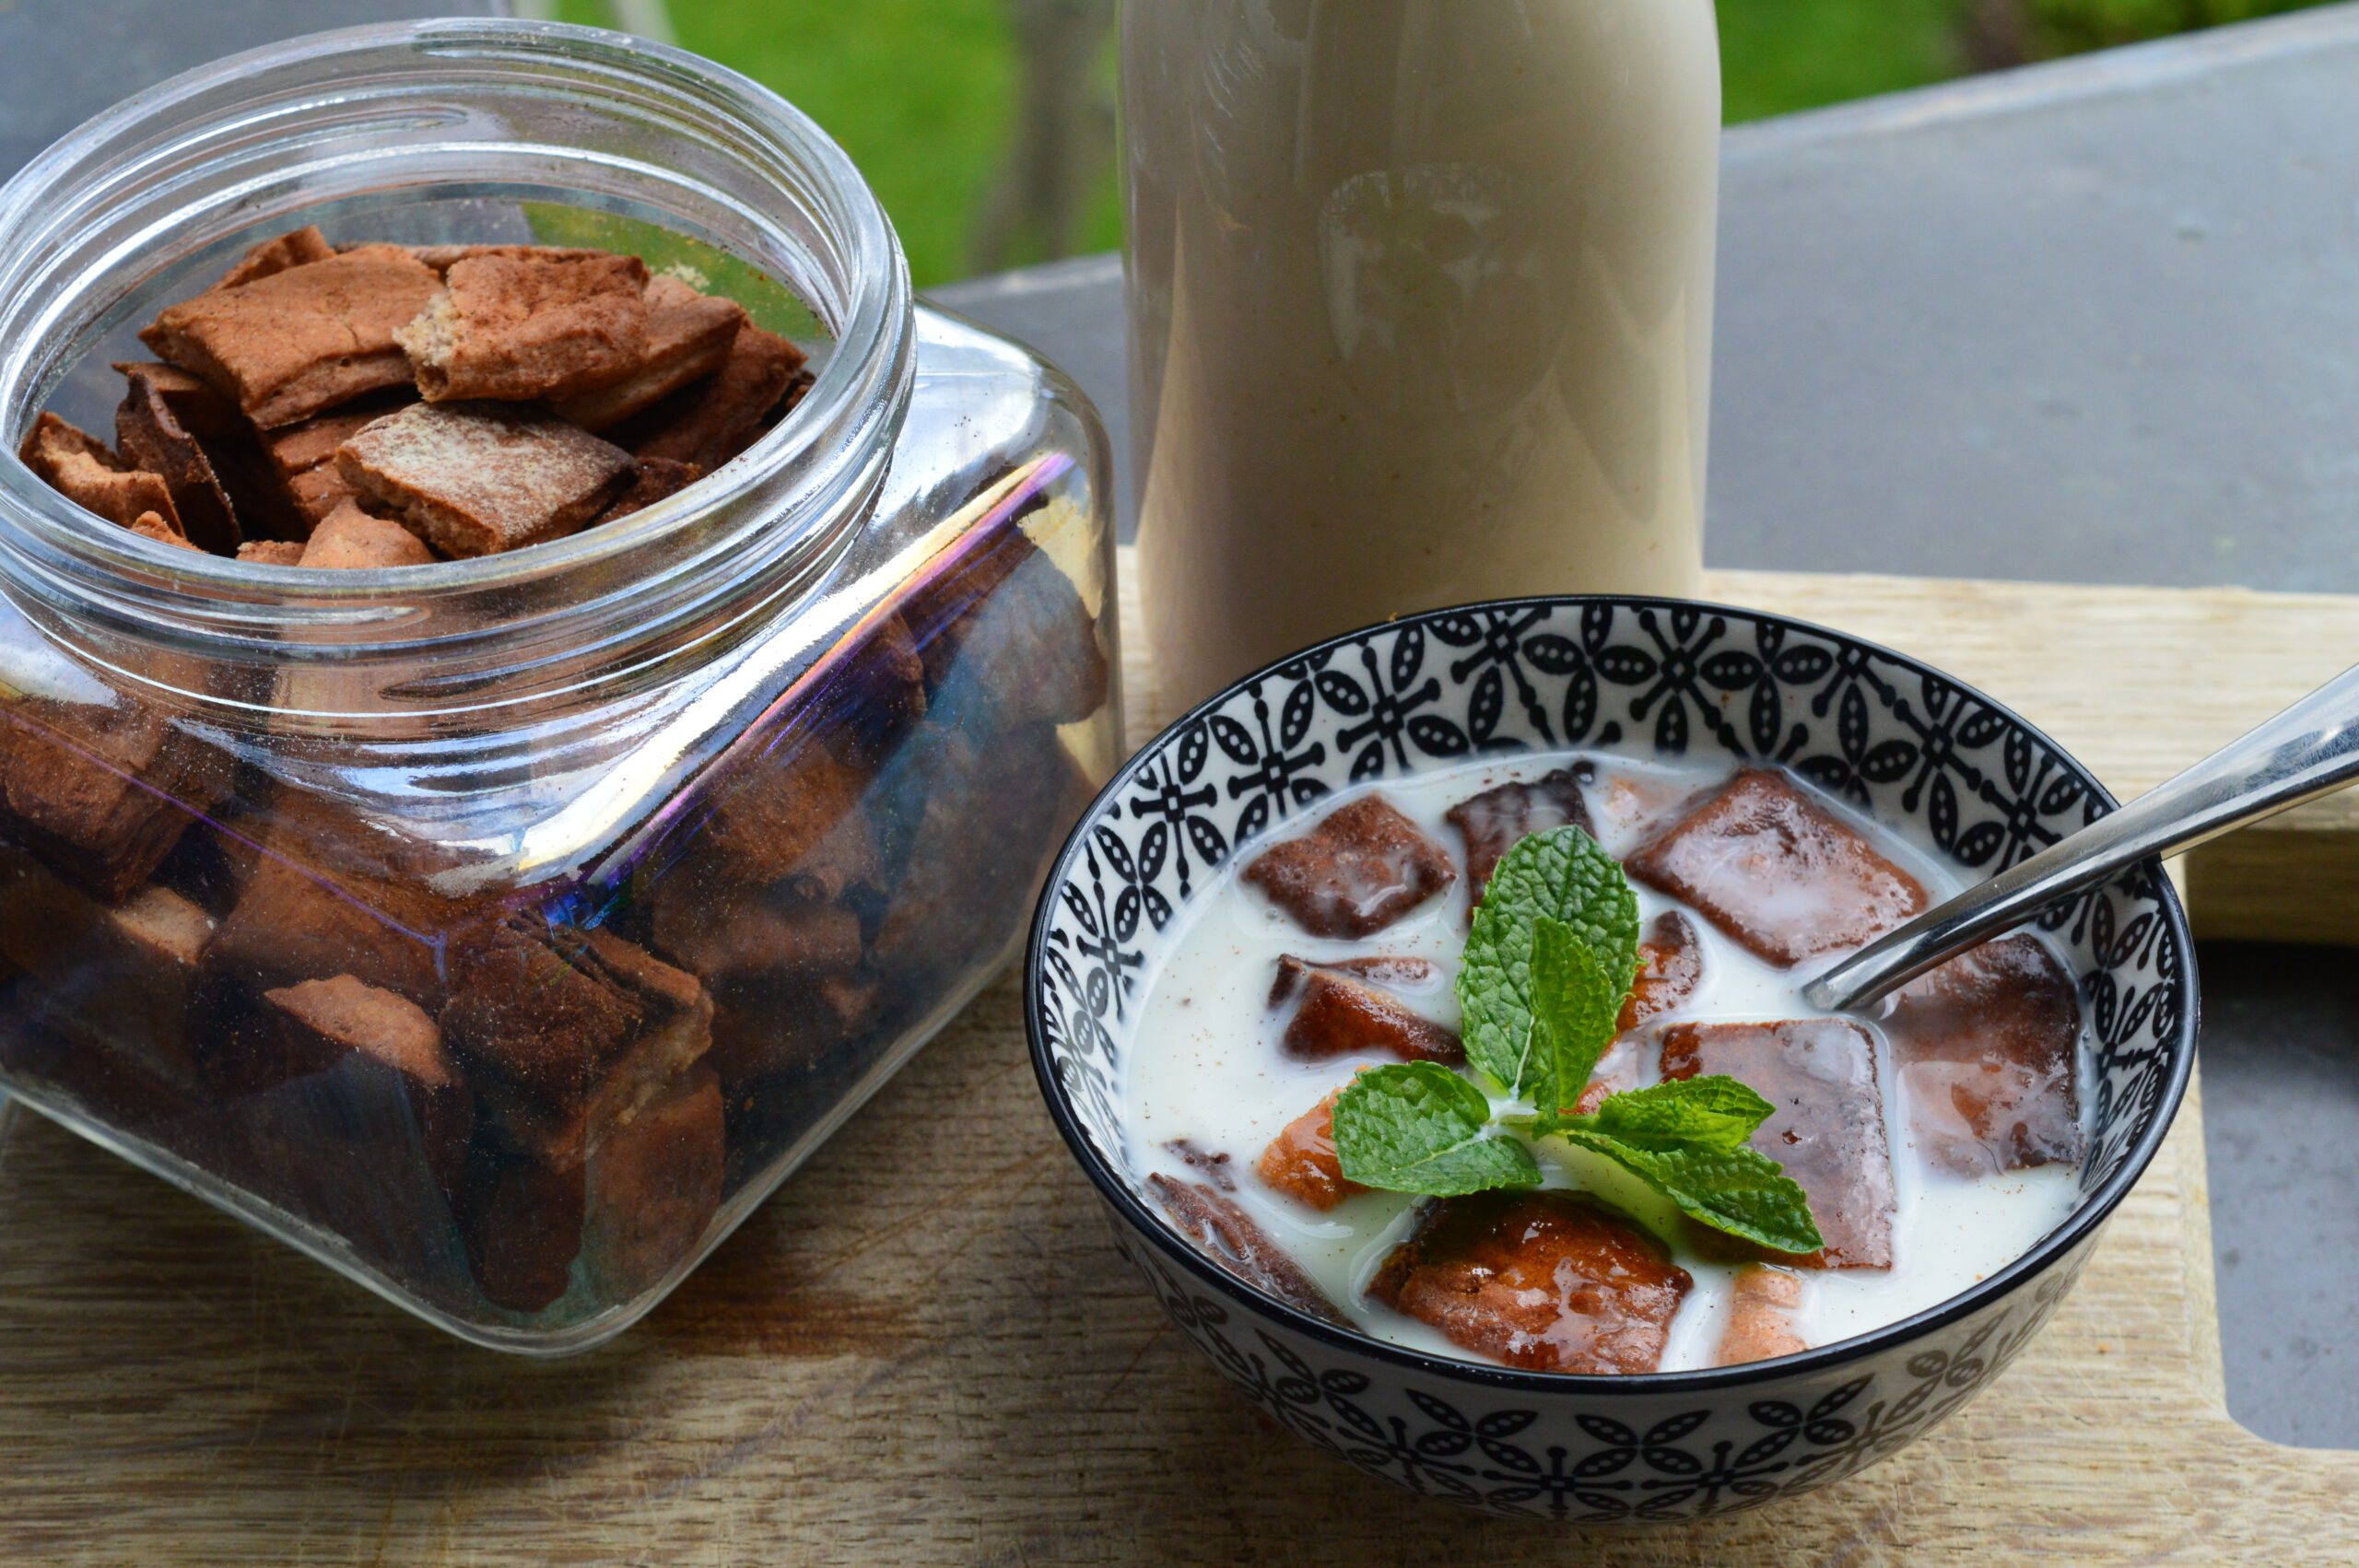 Zucker hemmt die Wehen - eine zuckerfreie Frühstücksidee